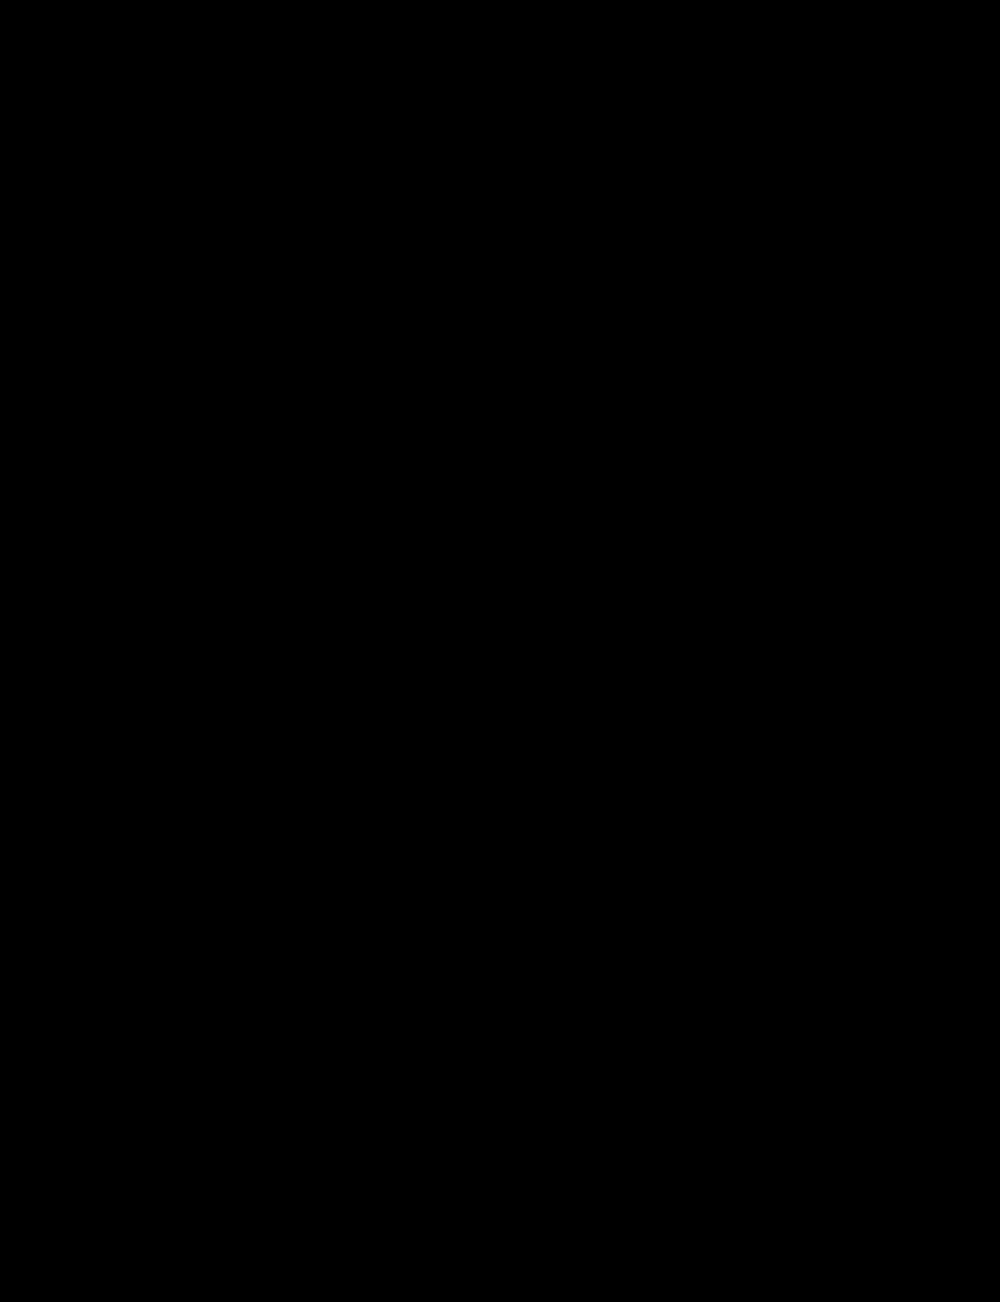 La coupe longue sirène de Franck Provost